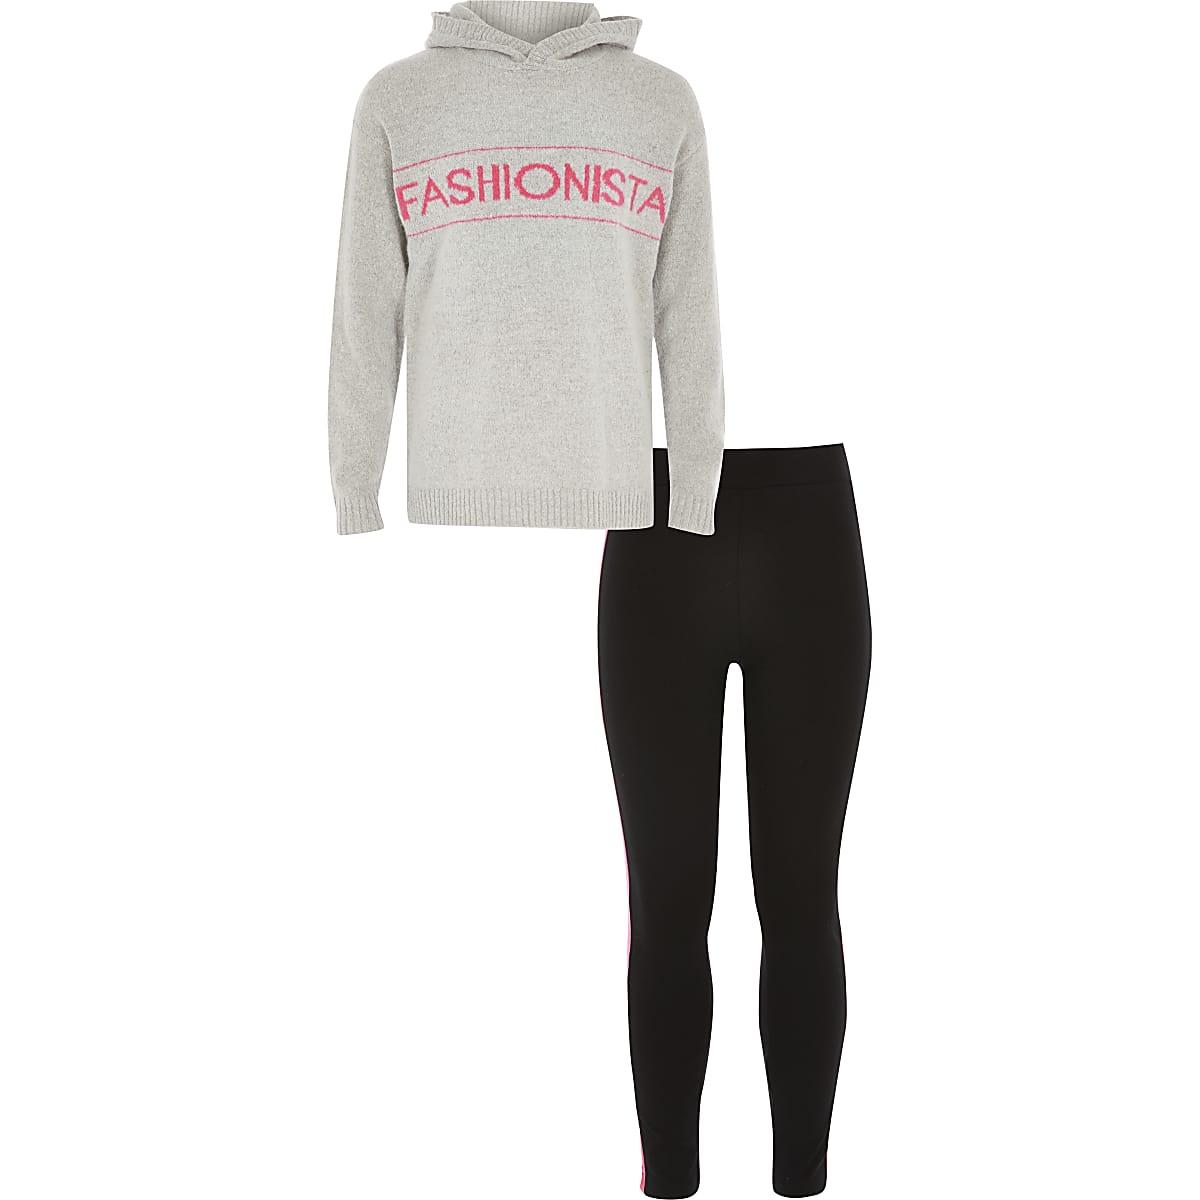 Outfit met grijze hoodie met gebreide 'Fashionista'-tekst voor meisjes